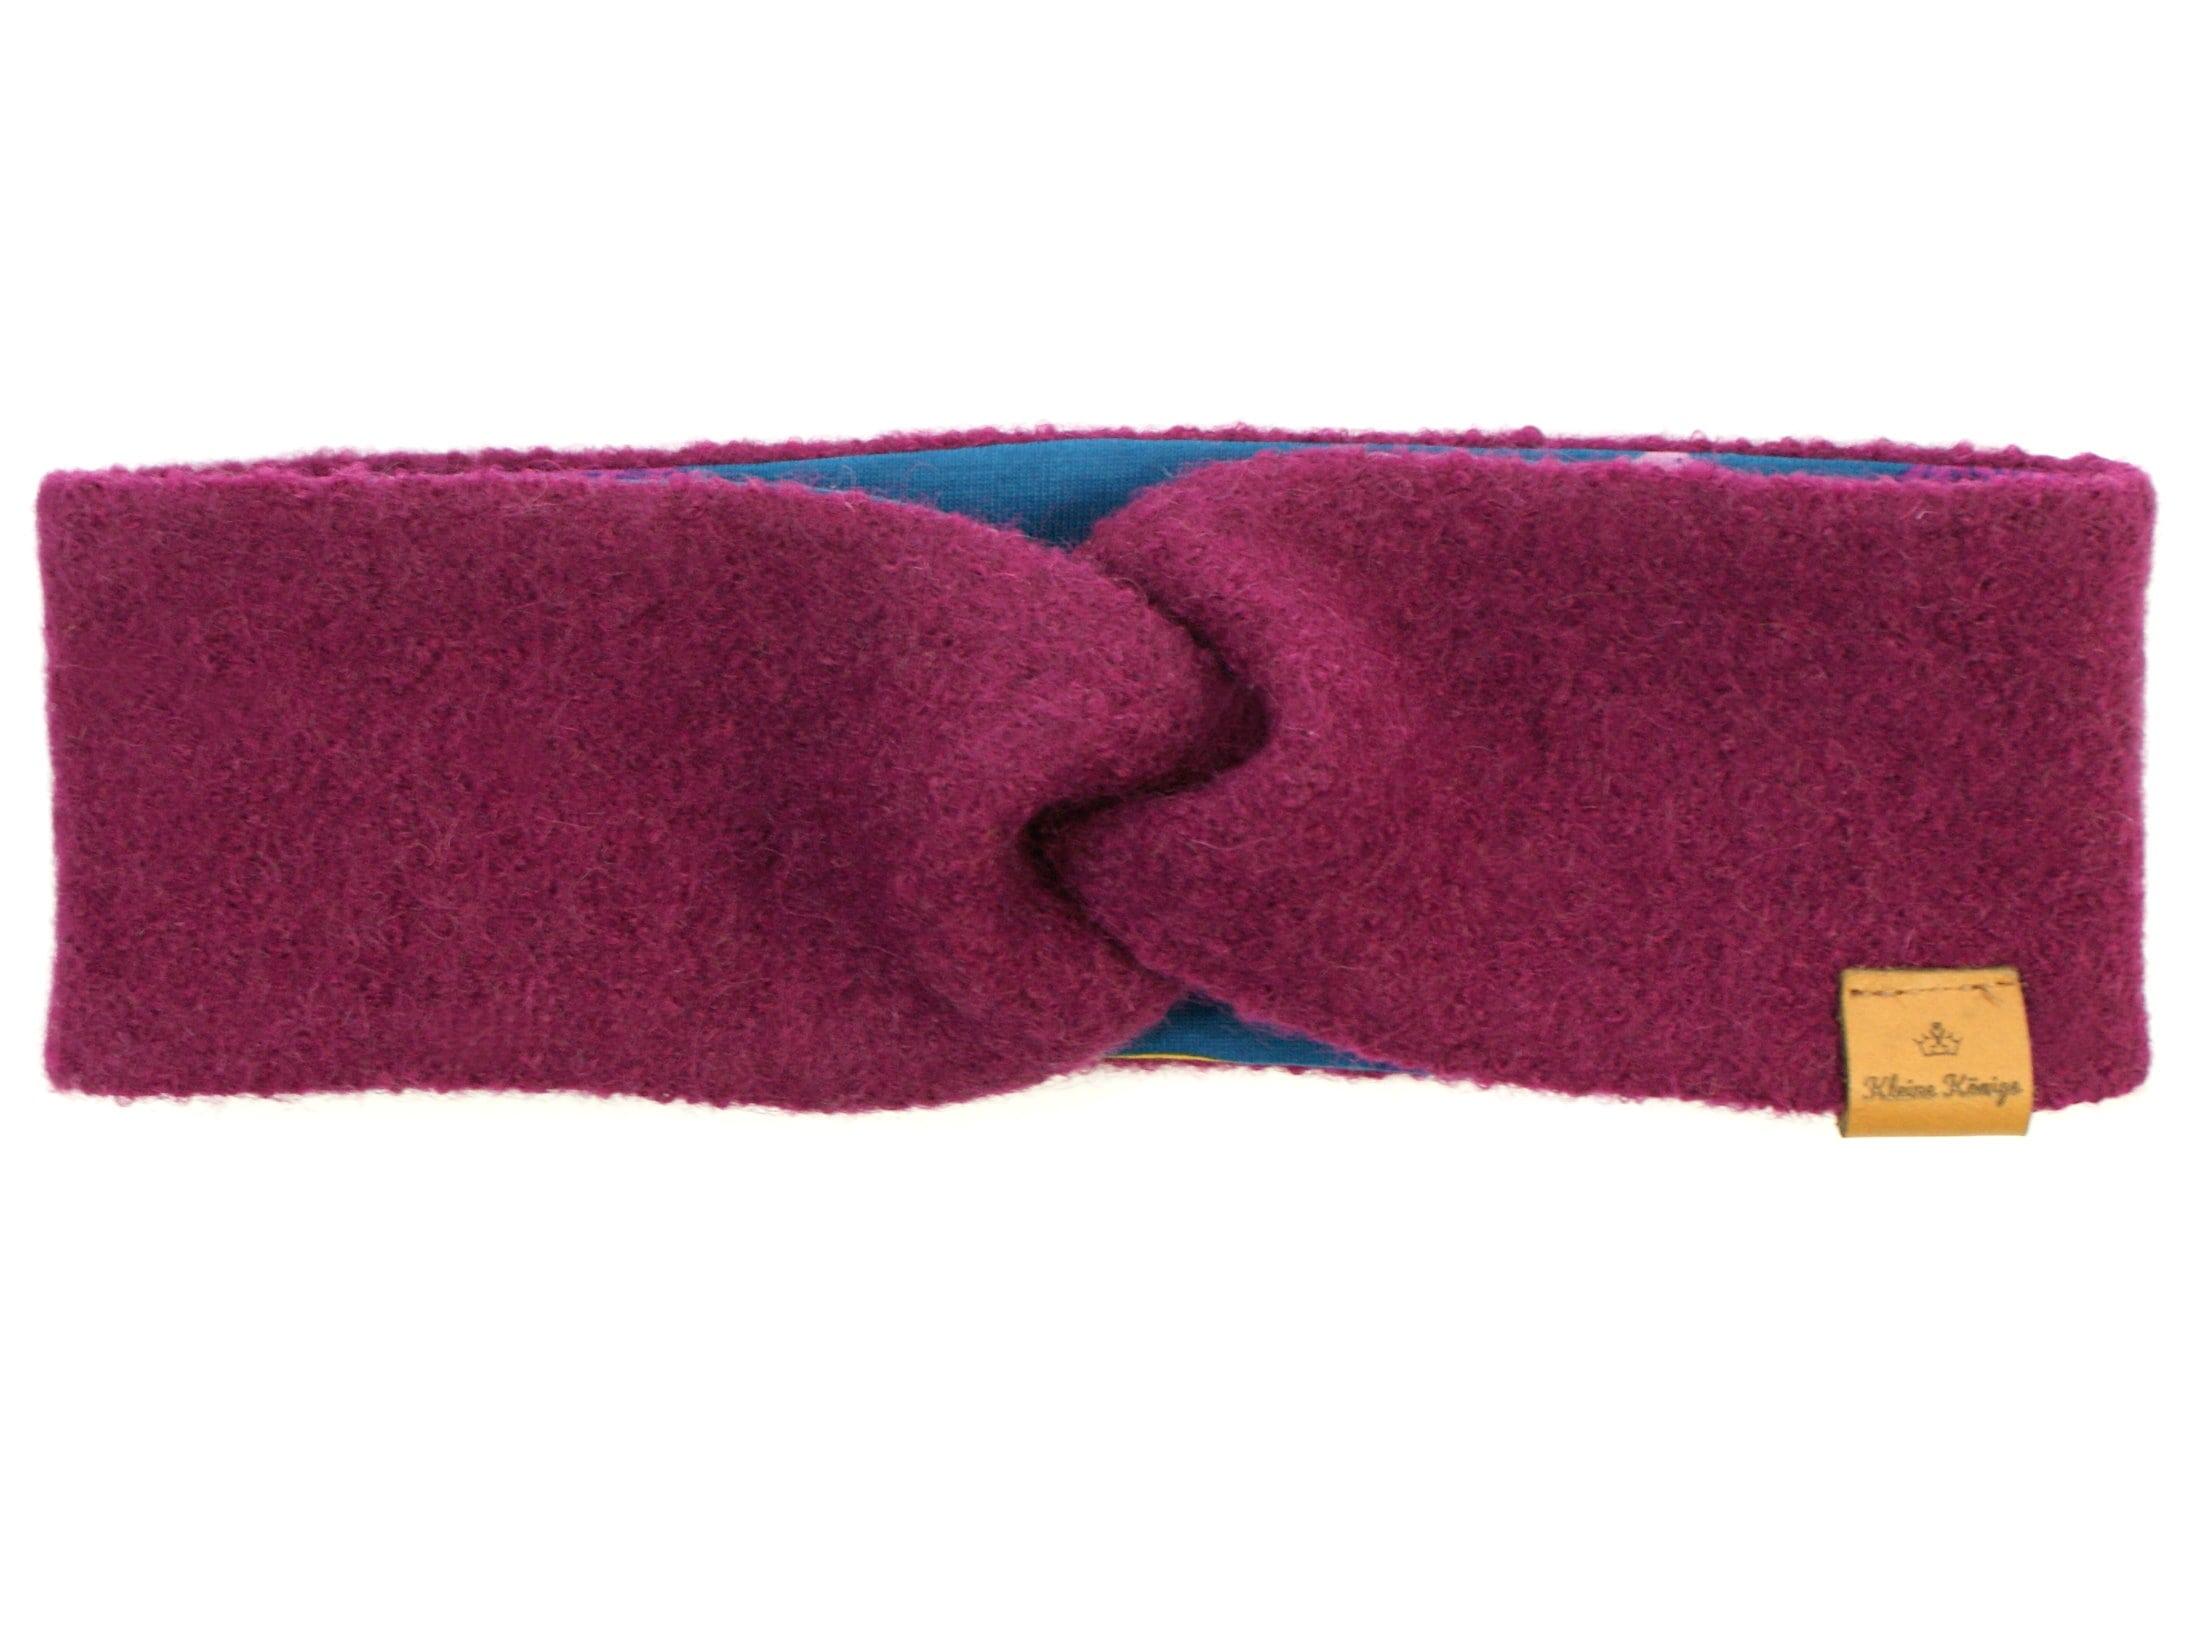 Walk Kinder Stirnband Haarband aus Wollwalk in Beere